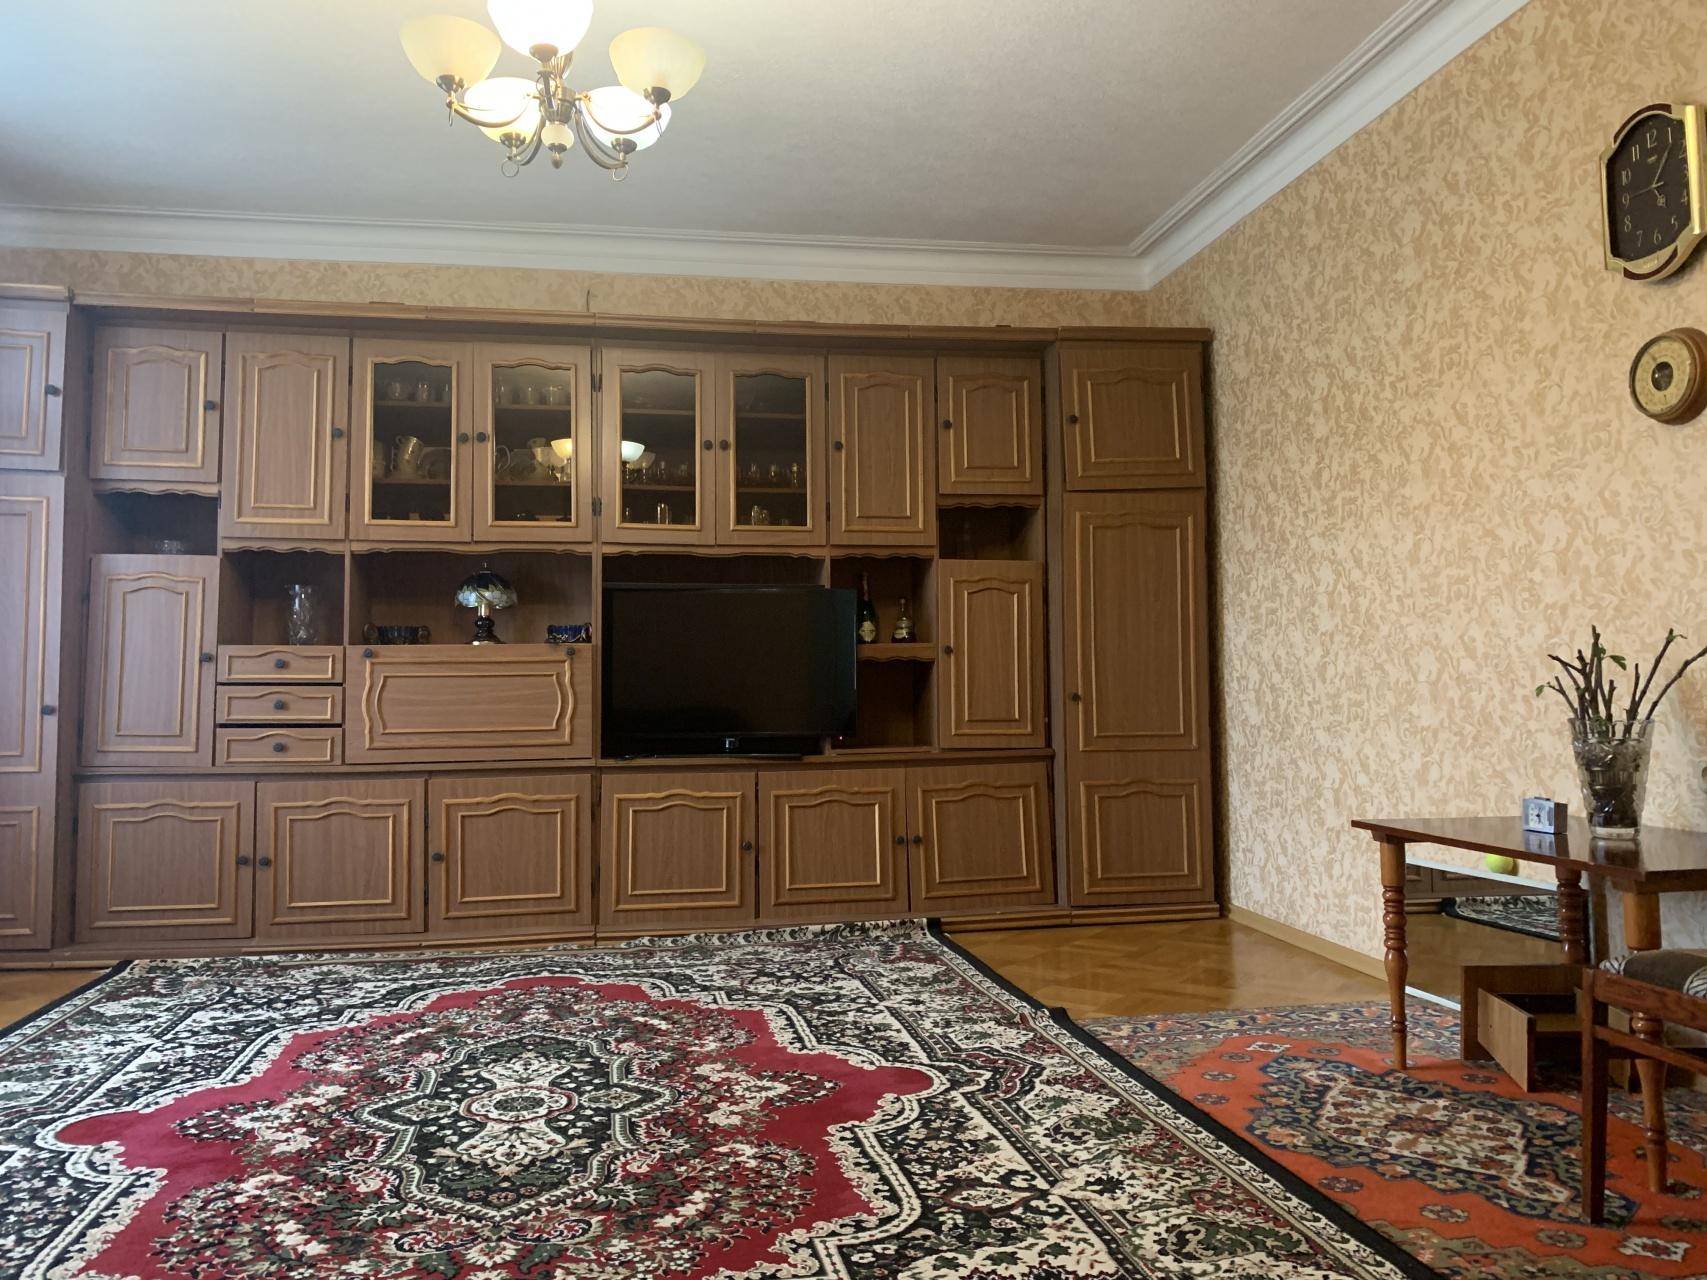 Квартира 3 комнатная в г. Майкоп район ЦКЗ